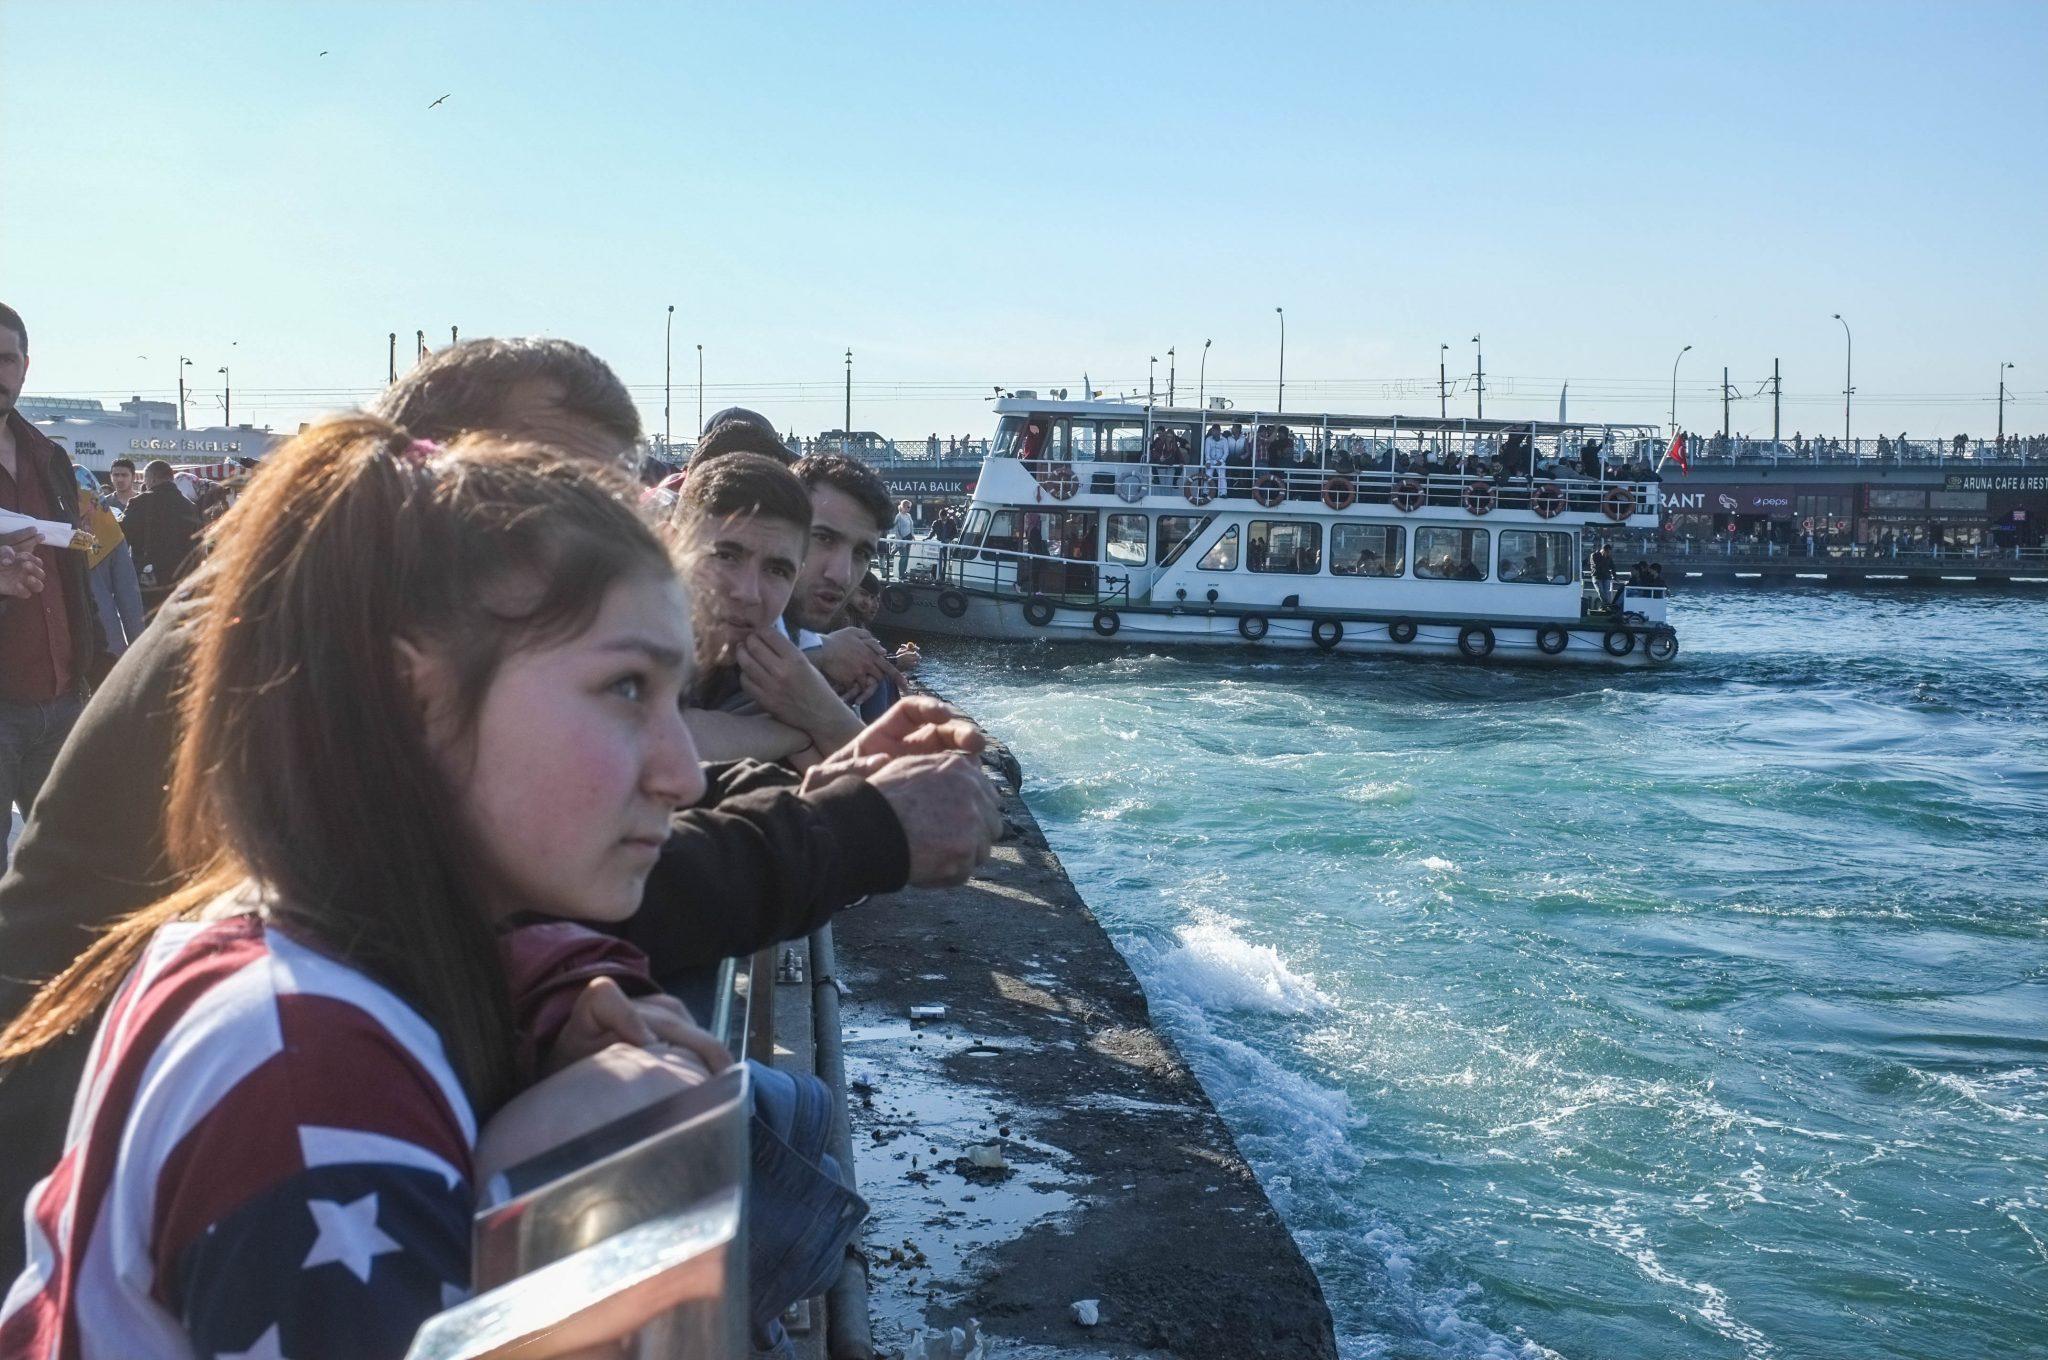 Istanbul rantalaituri ja ihmisiä